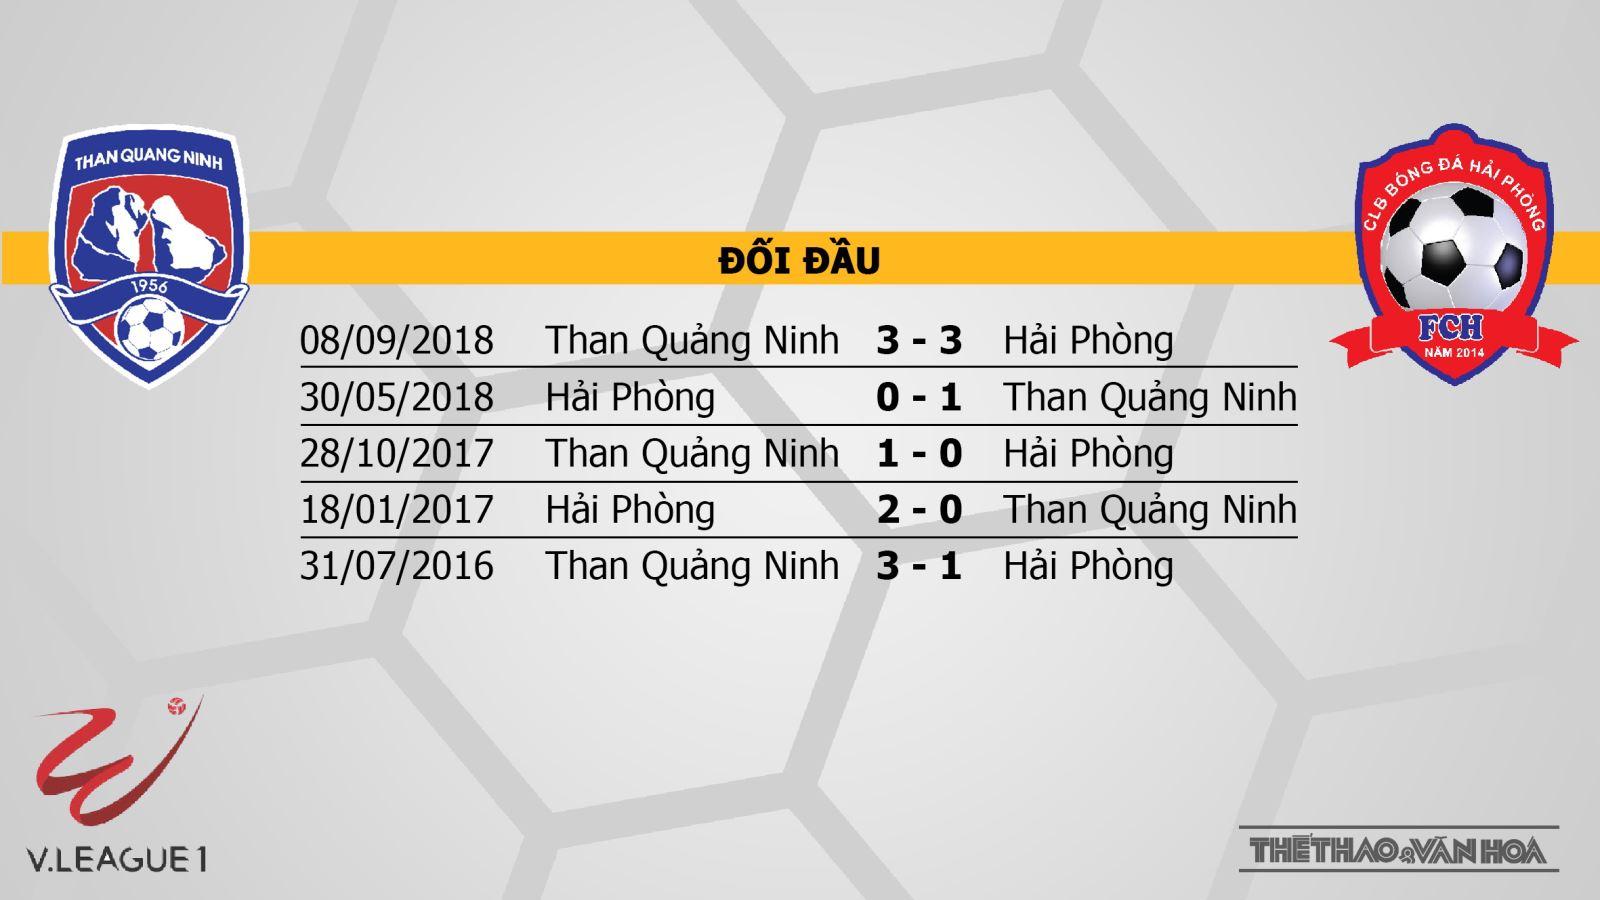 Than Quảng Ninh vs Hải Phòng FC, trực tiếp bóng đá, trực tiếp  Than Quảng Ninh vs Hải Phòng FC, Than Quảng Ninh, Hải Phòng FC